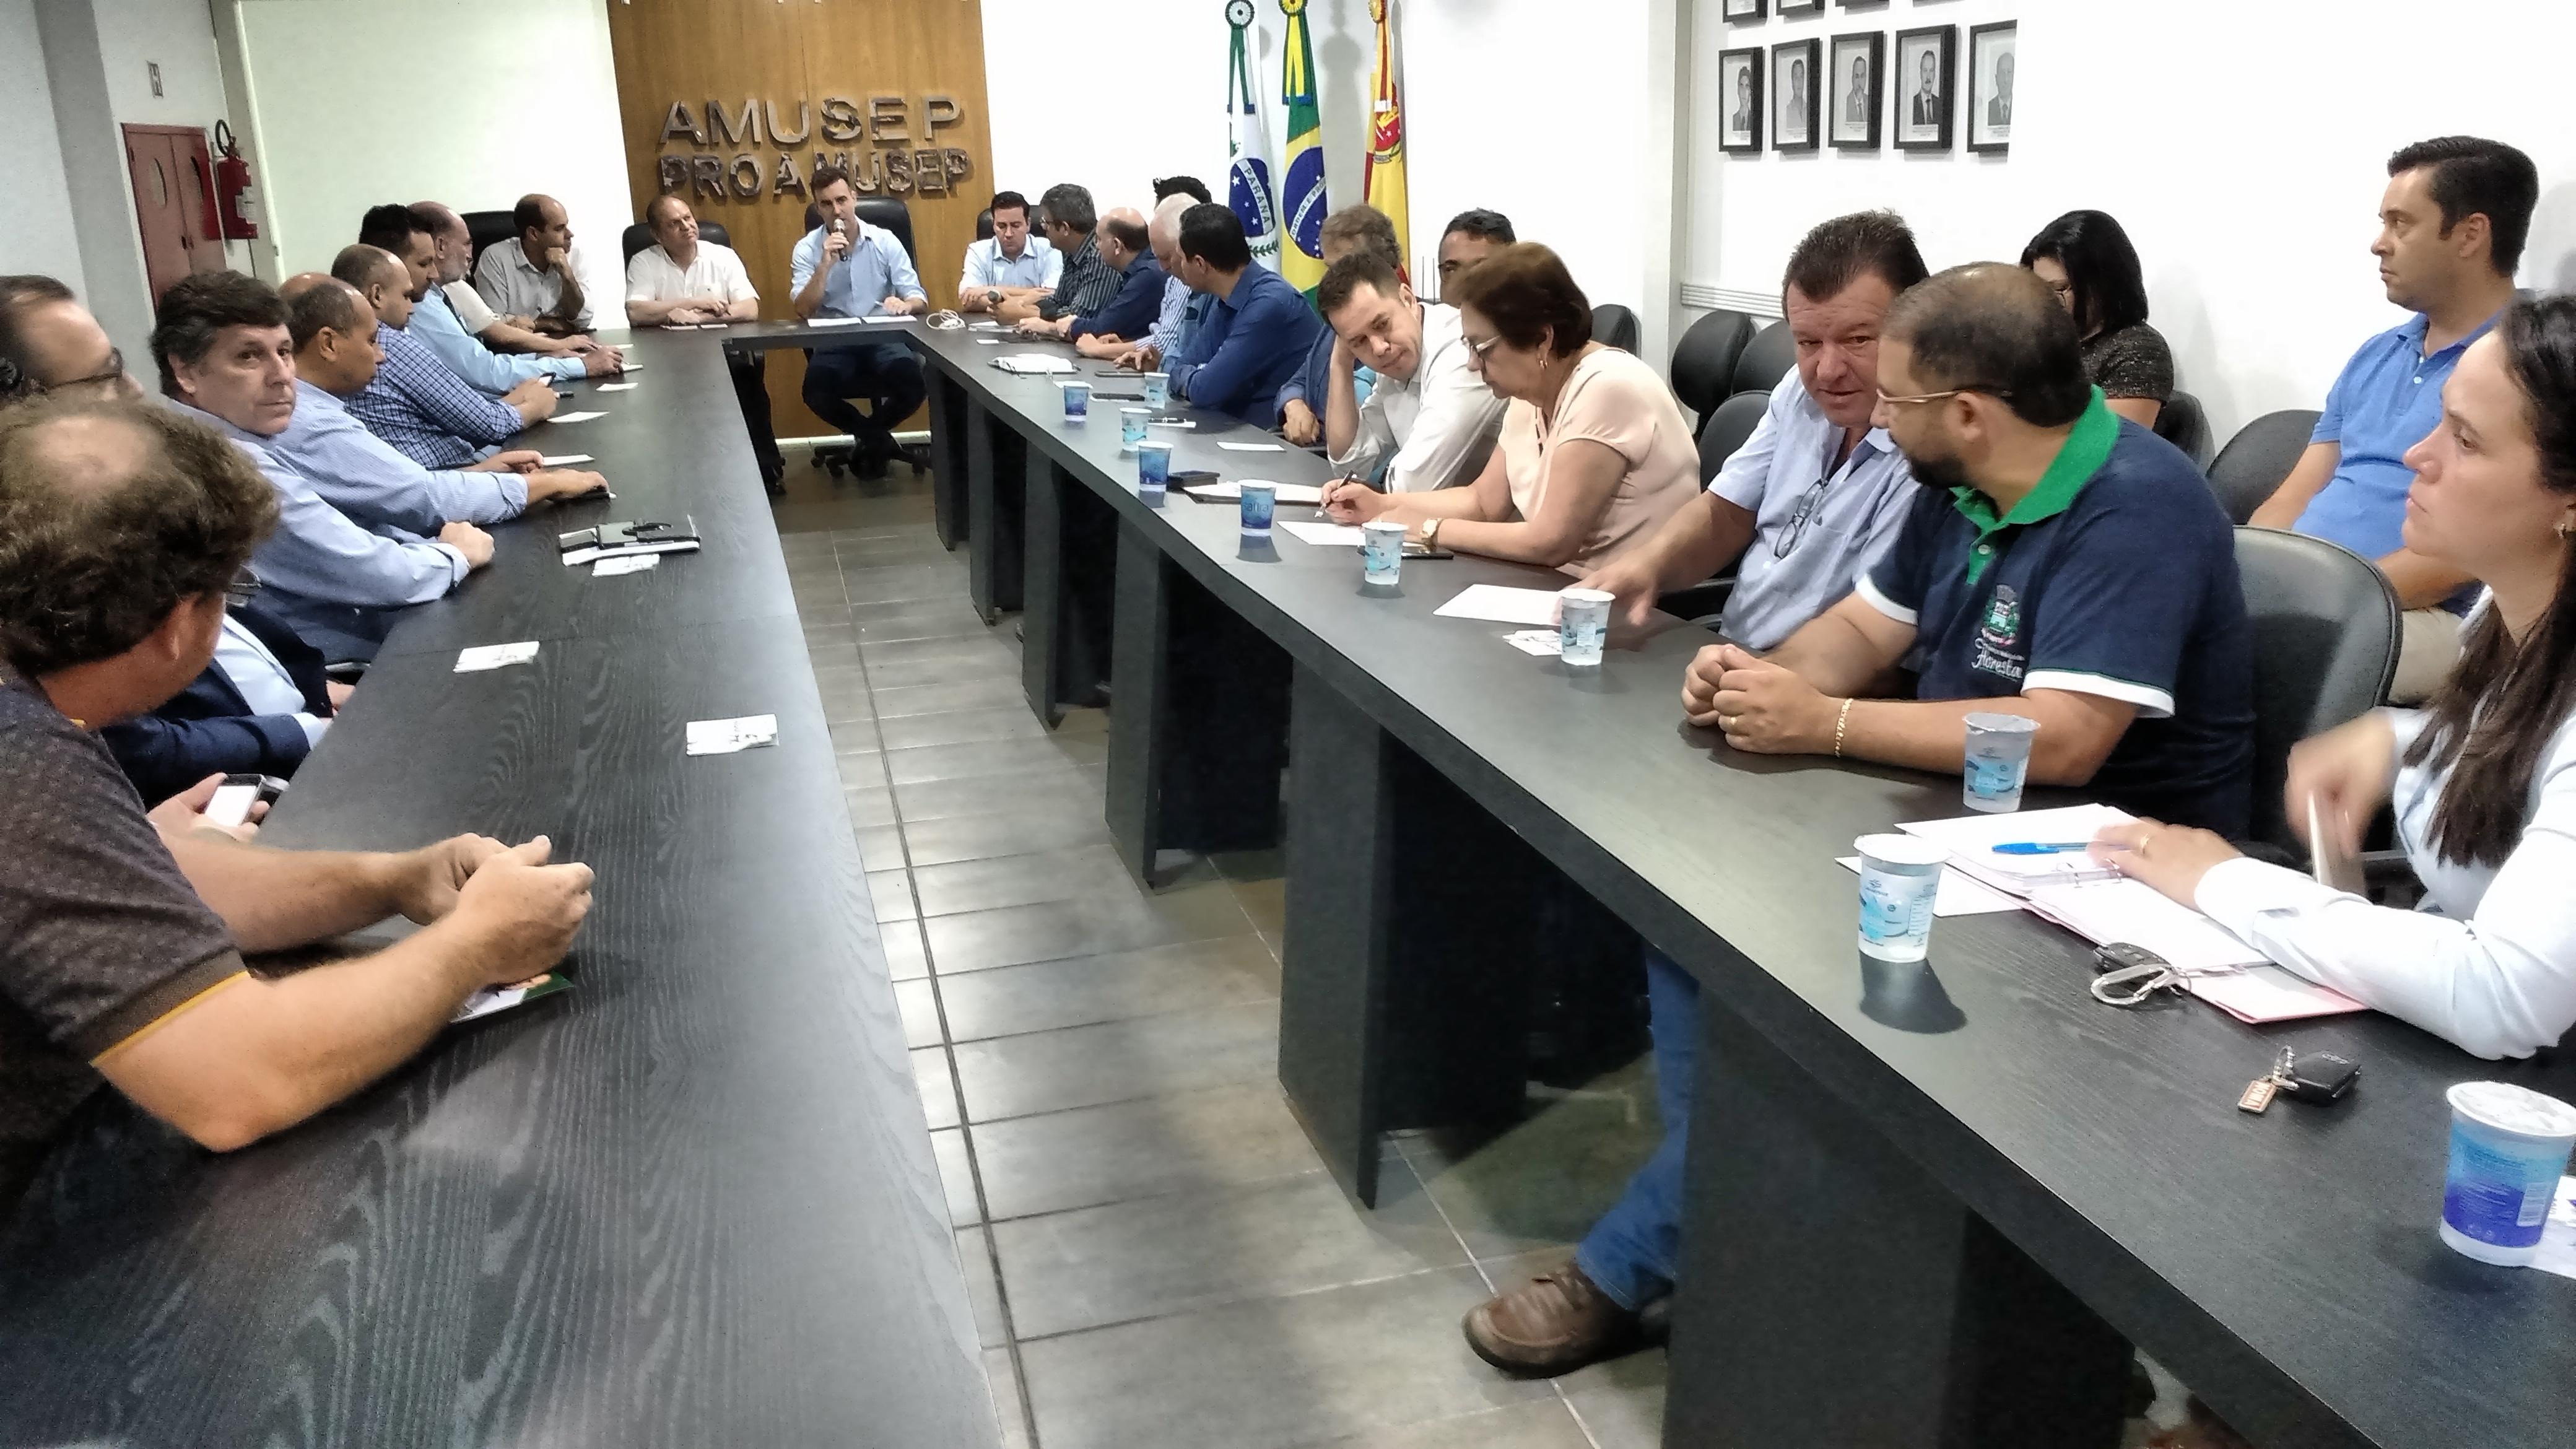 Representantes da região na próxima legislatura se colocaram à disposição para defender as reivindicações do Movimento Municipalista Paranaense